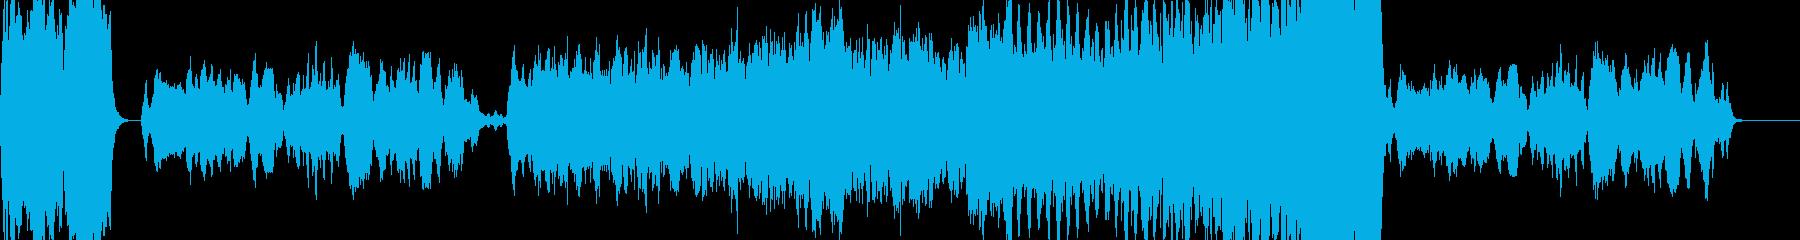 重厚・古風・クラシカルの再生済みの波形